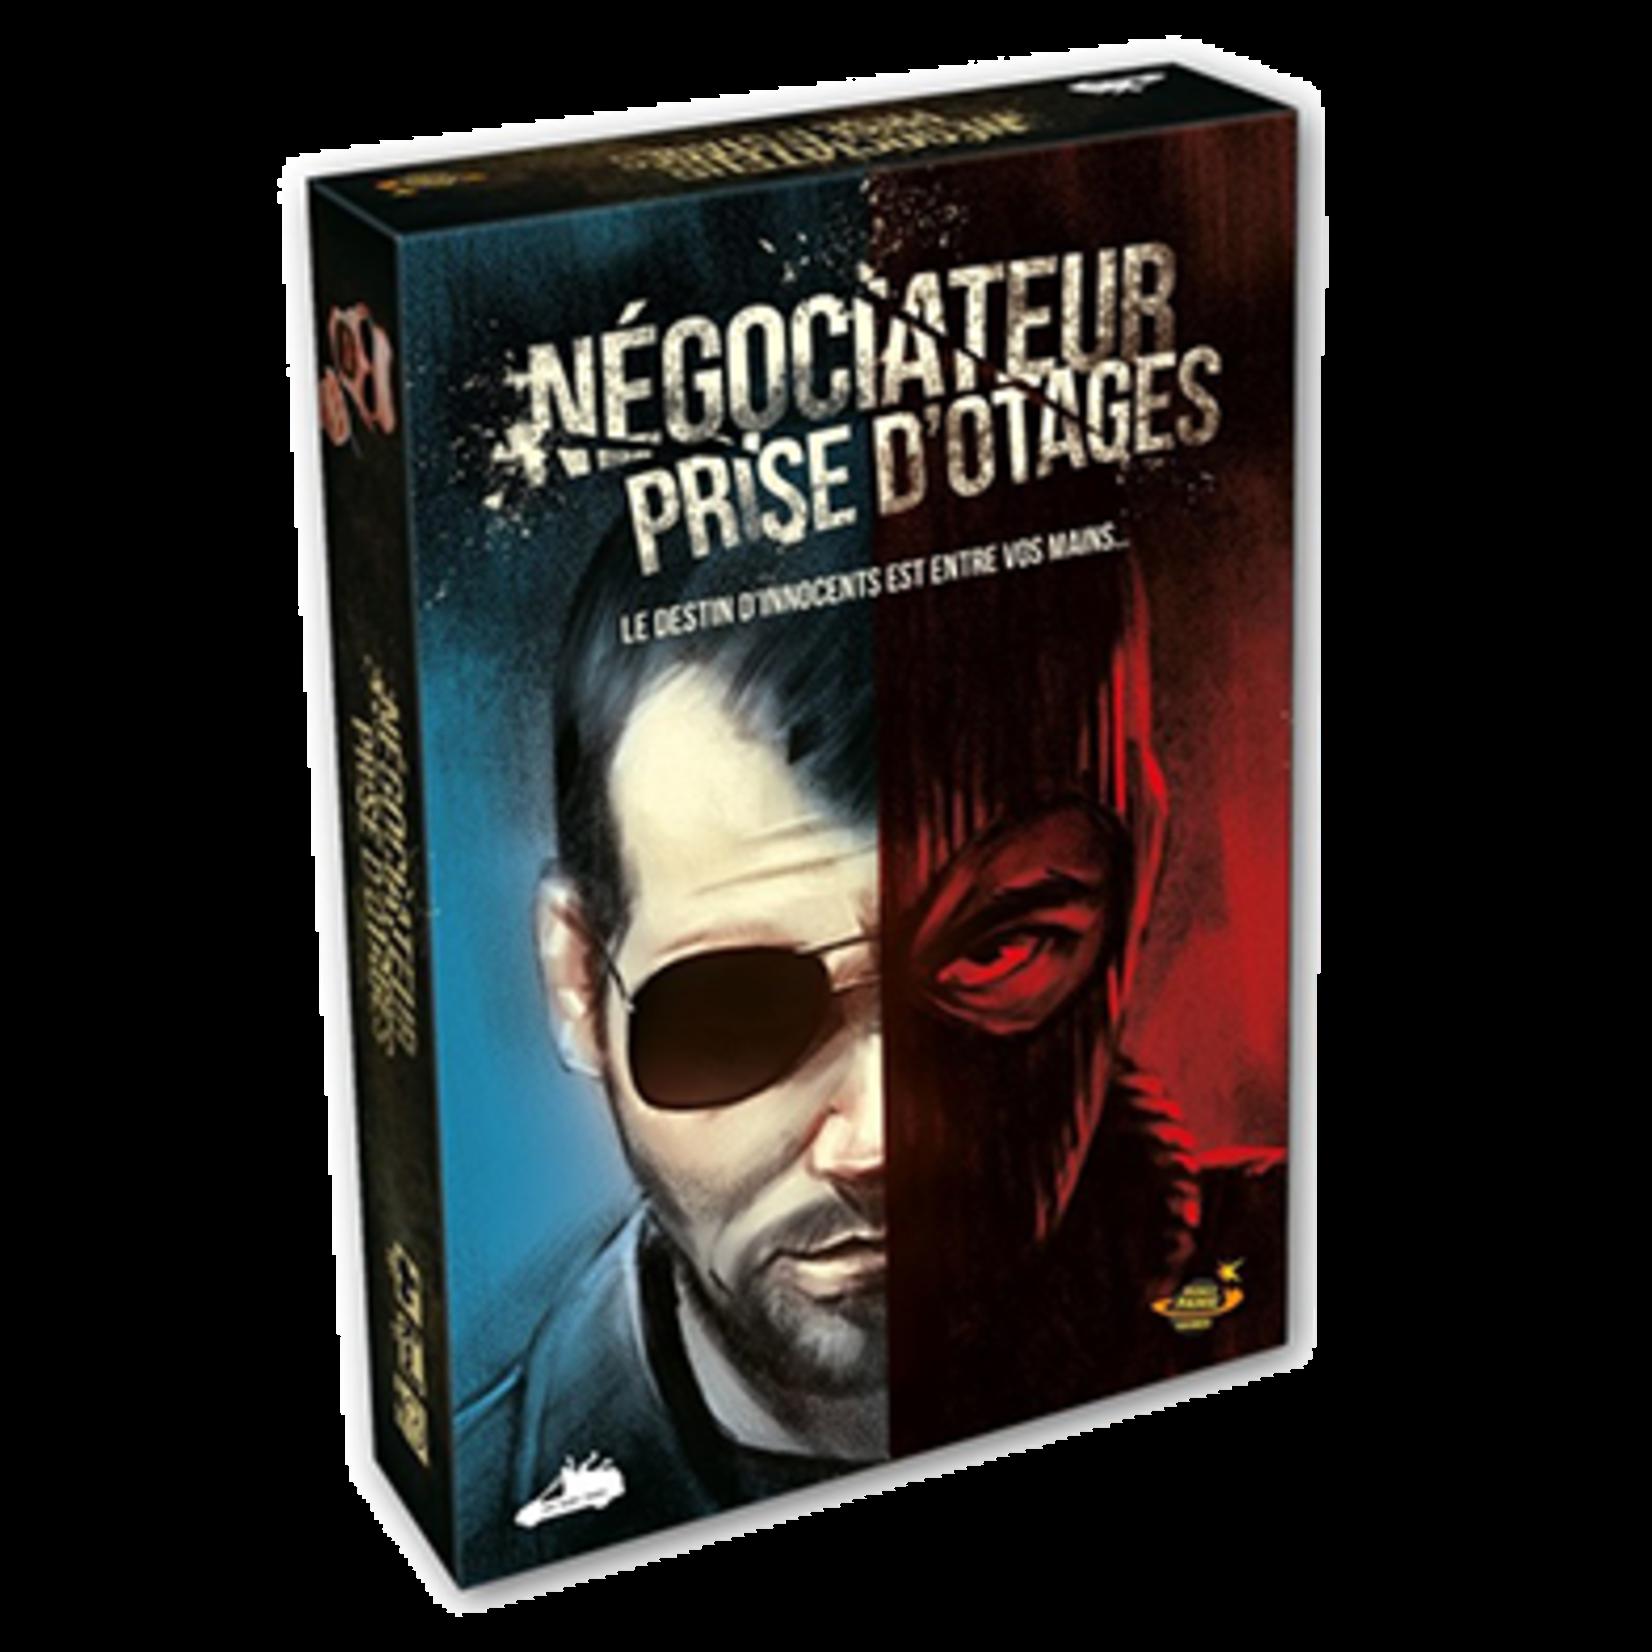 Négociateur - Prise d'otages (Fr)